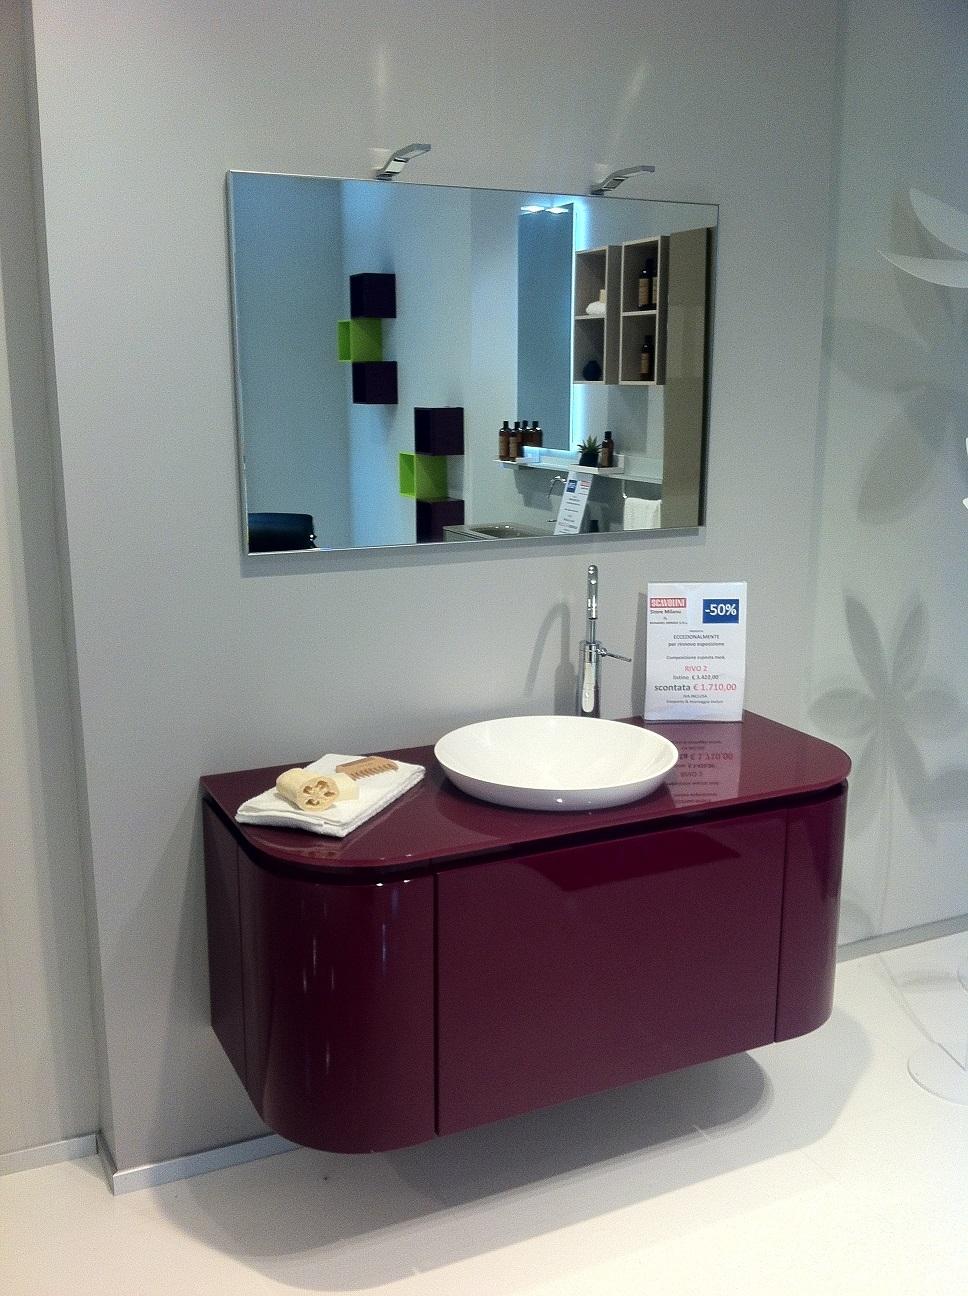 Scavolini offerta outlet bagno mod rivo arredo bagno a for Accessori bagno outlet